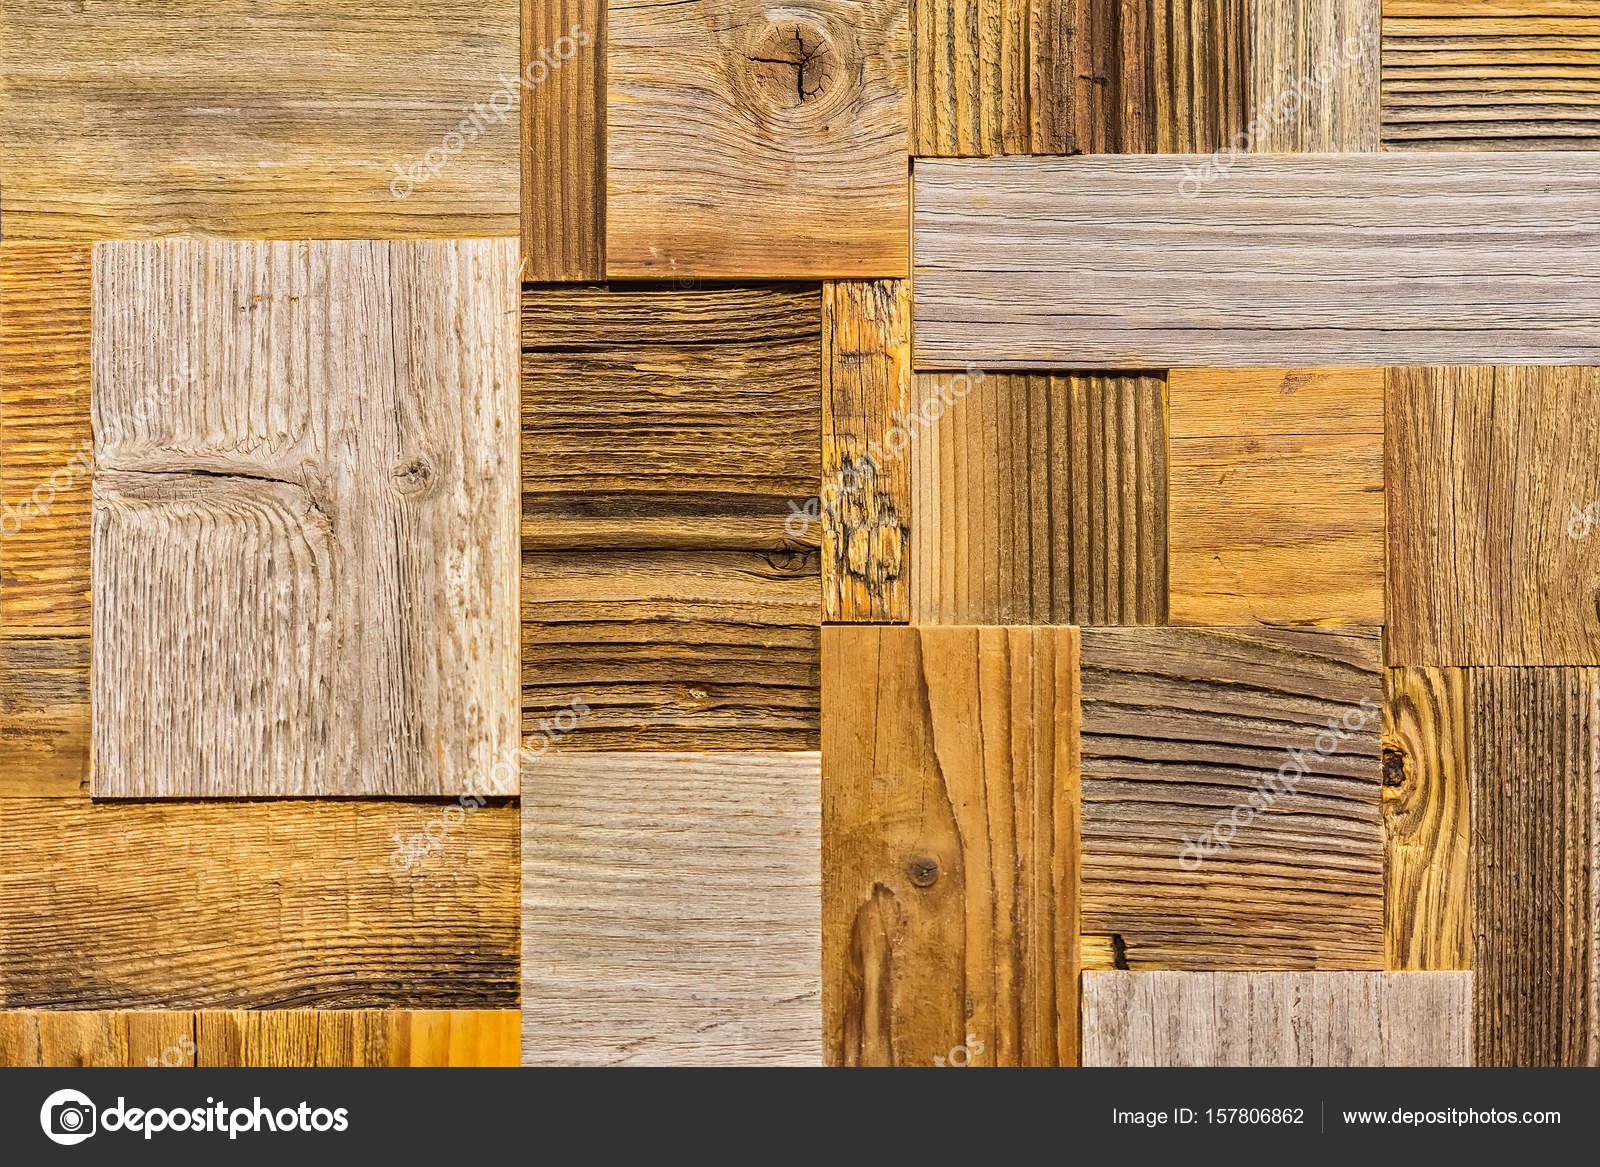 Dekorative Holz Hintergrund, Legen Sie Aus Verschiedenen ökologischen  Rechteck Fliesen Holzoptik, Alt Braun Plank